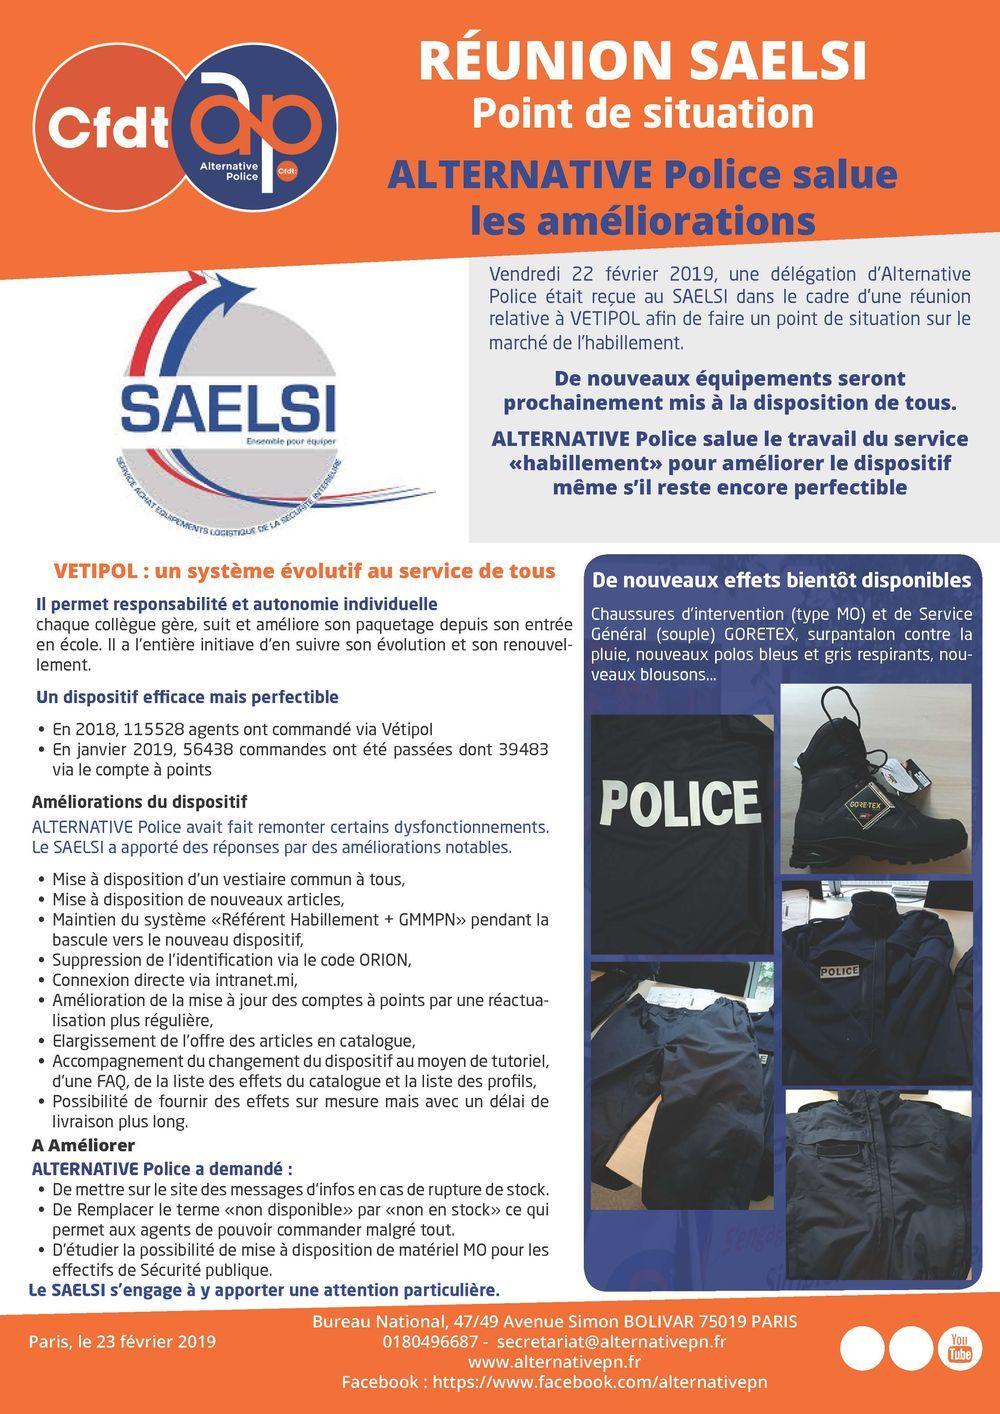 Réunion SAELSI : Point de situation